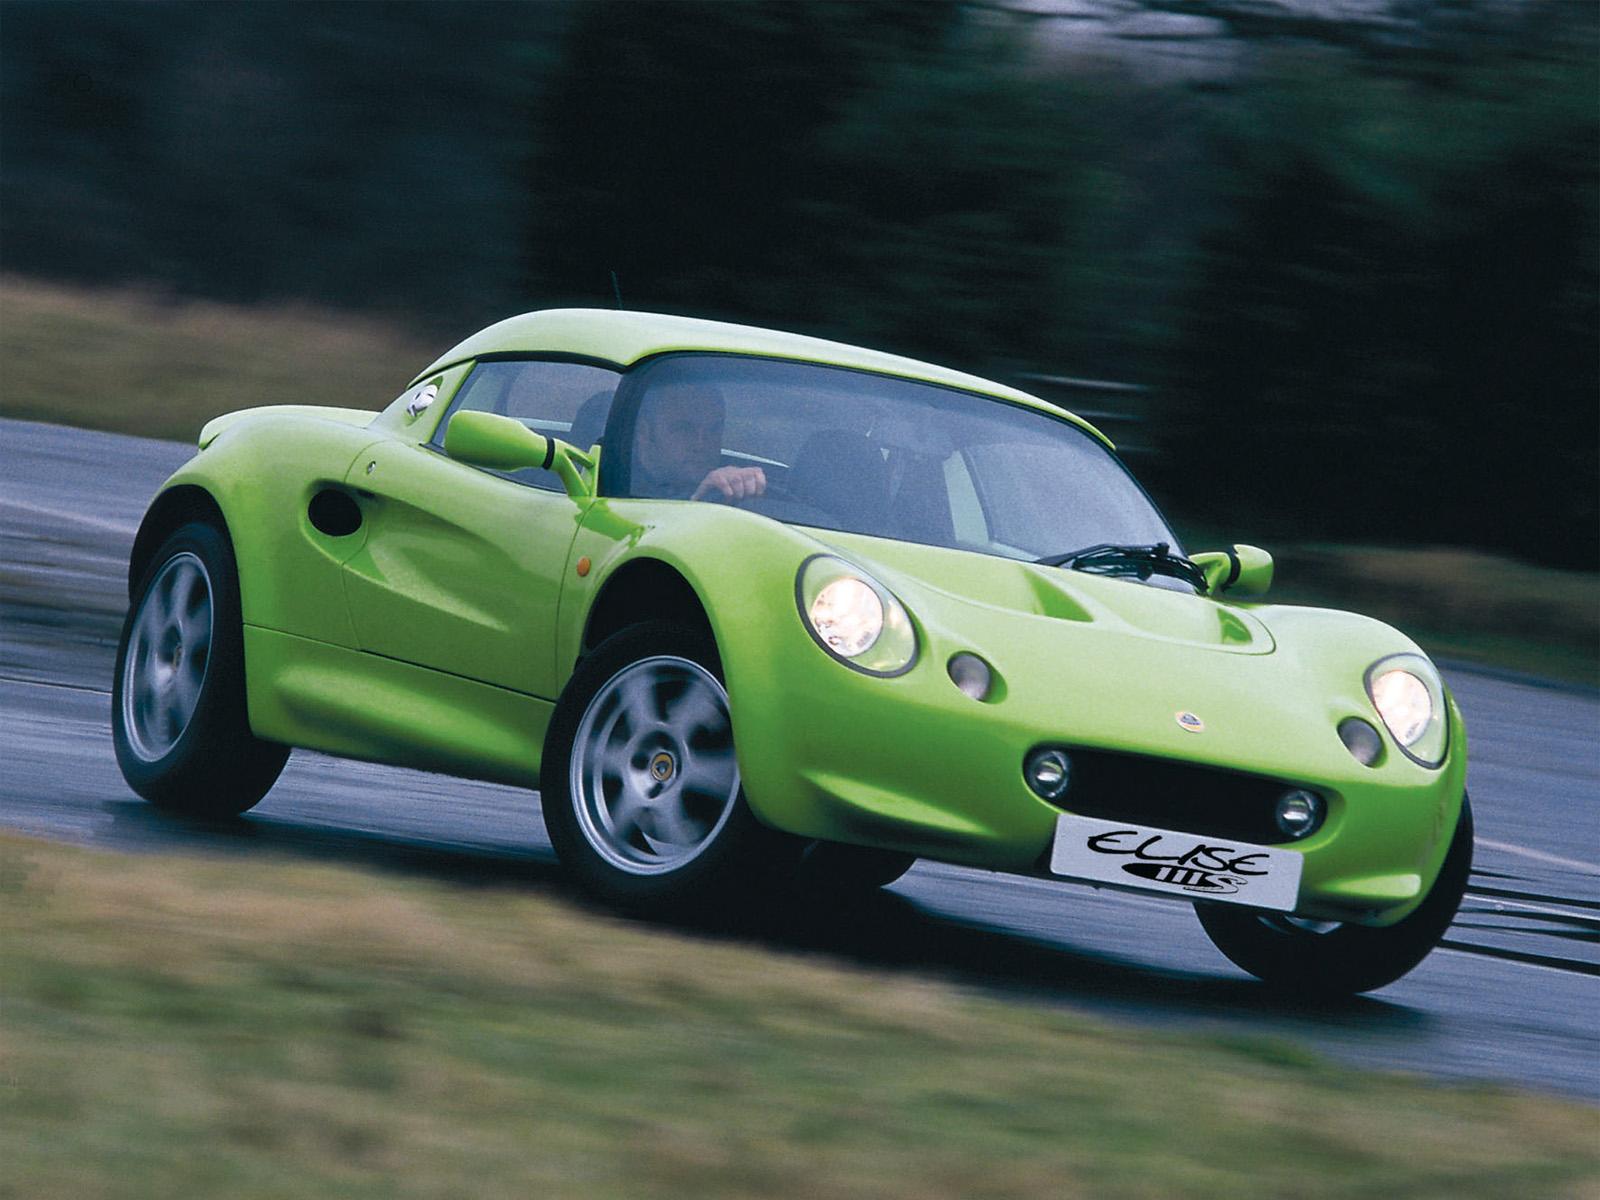 Lotus Elise S1 111S Scandal Green